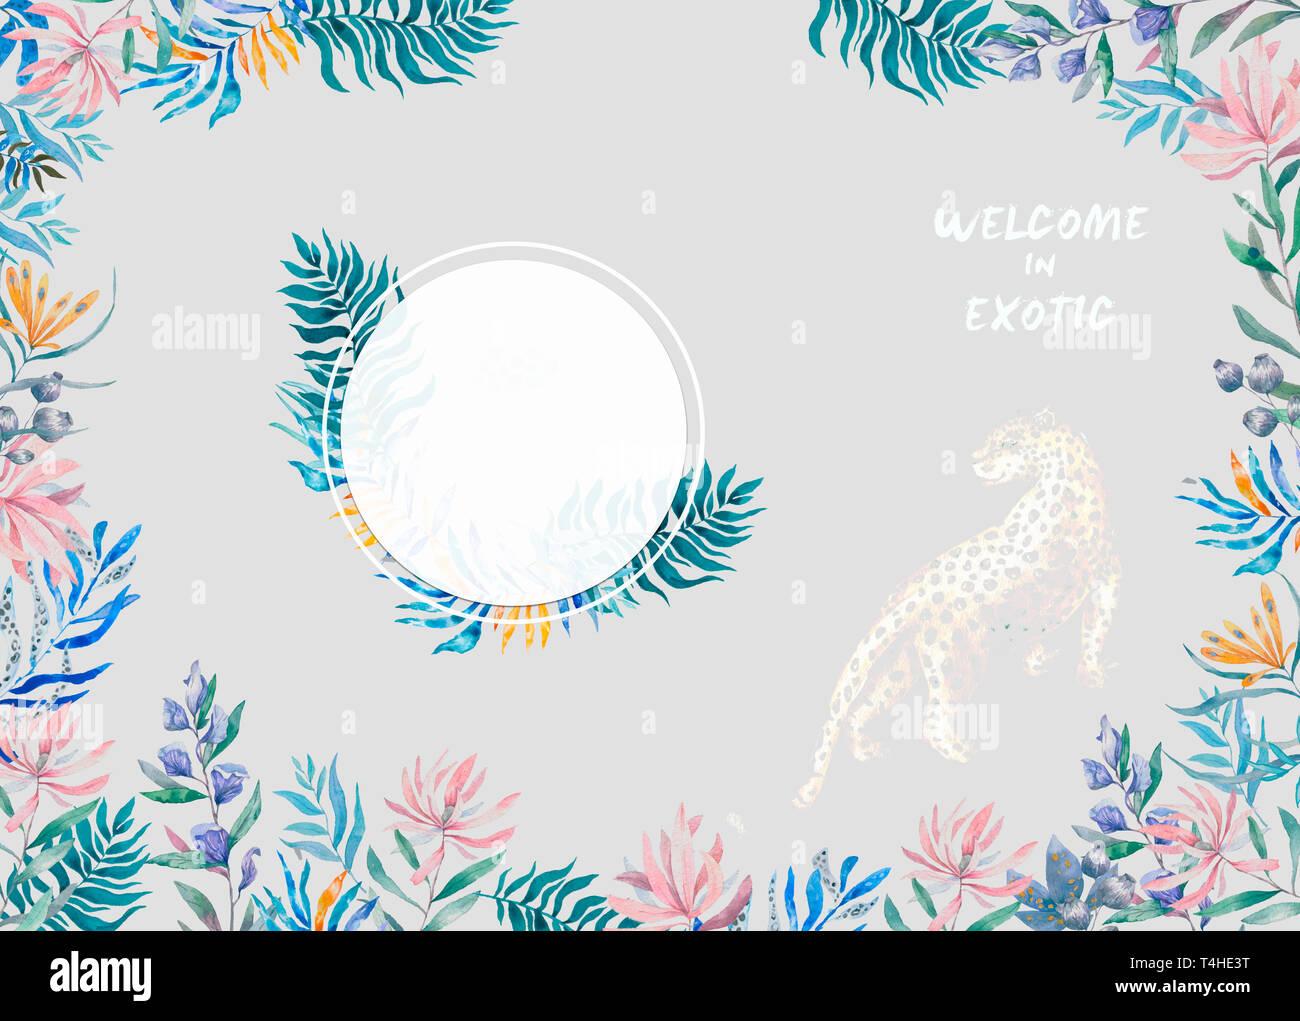 Acuarela Círculo Exótico Marco Con Hojas Flores Tropicales